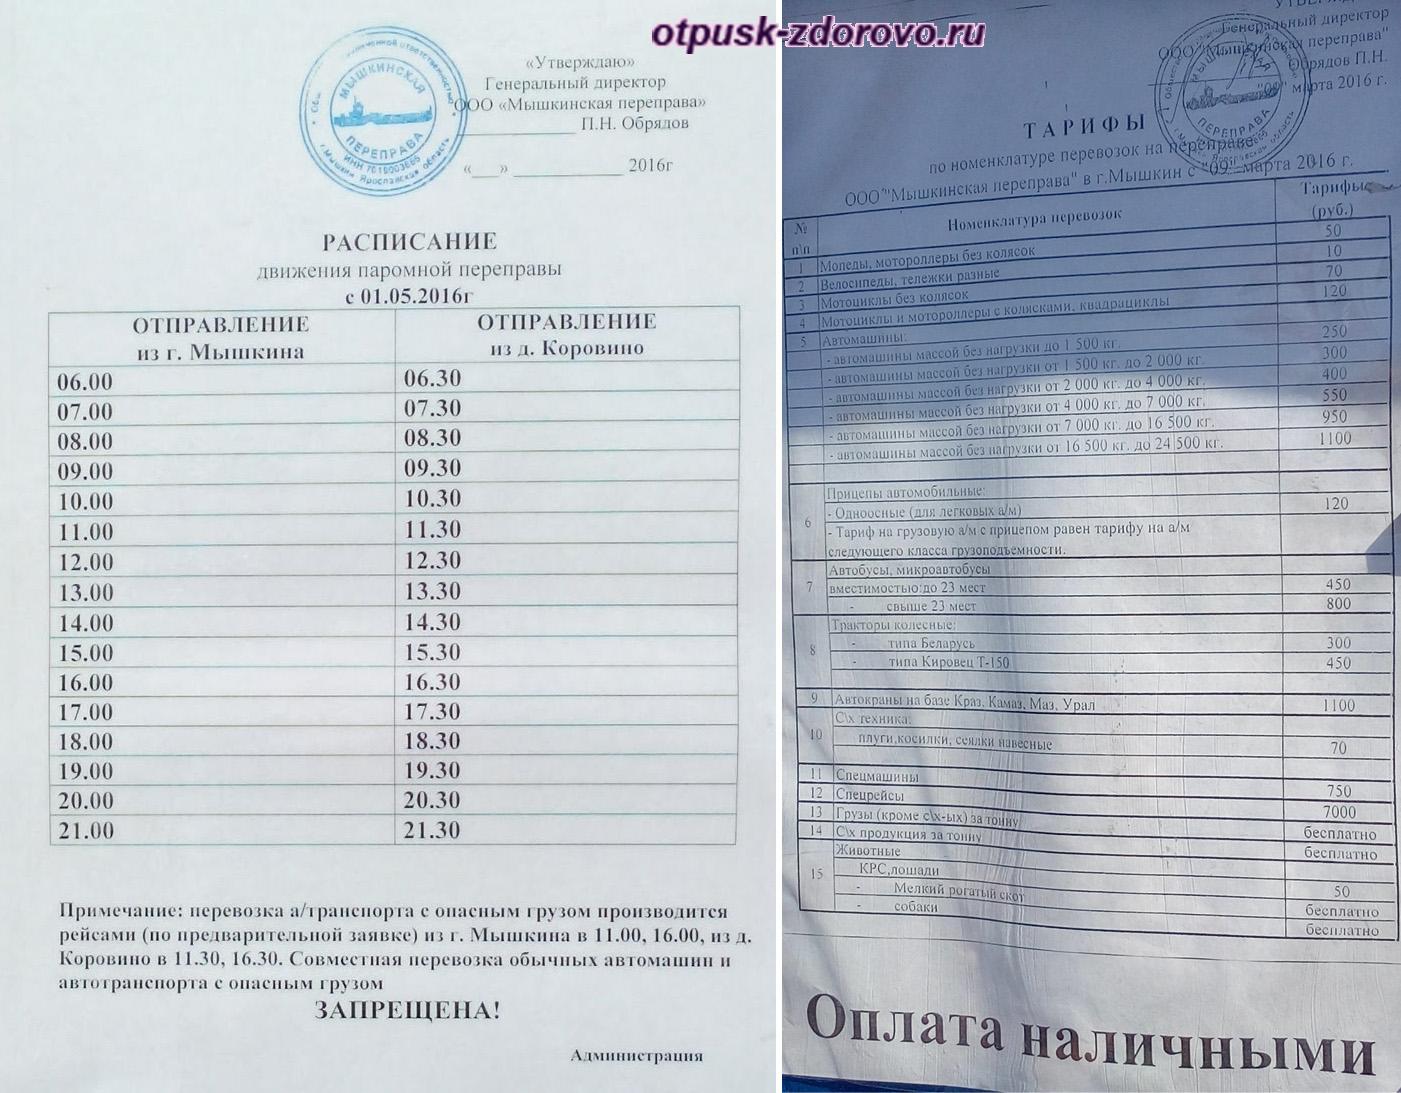 Расписание паромов и цены, Паромная переправа, Мышкин